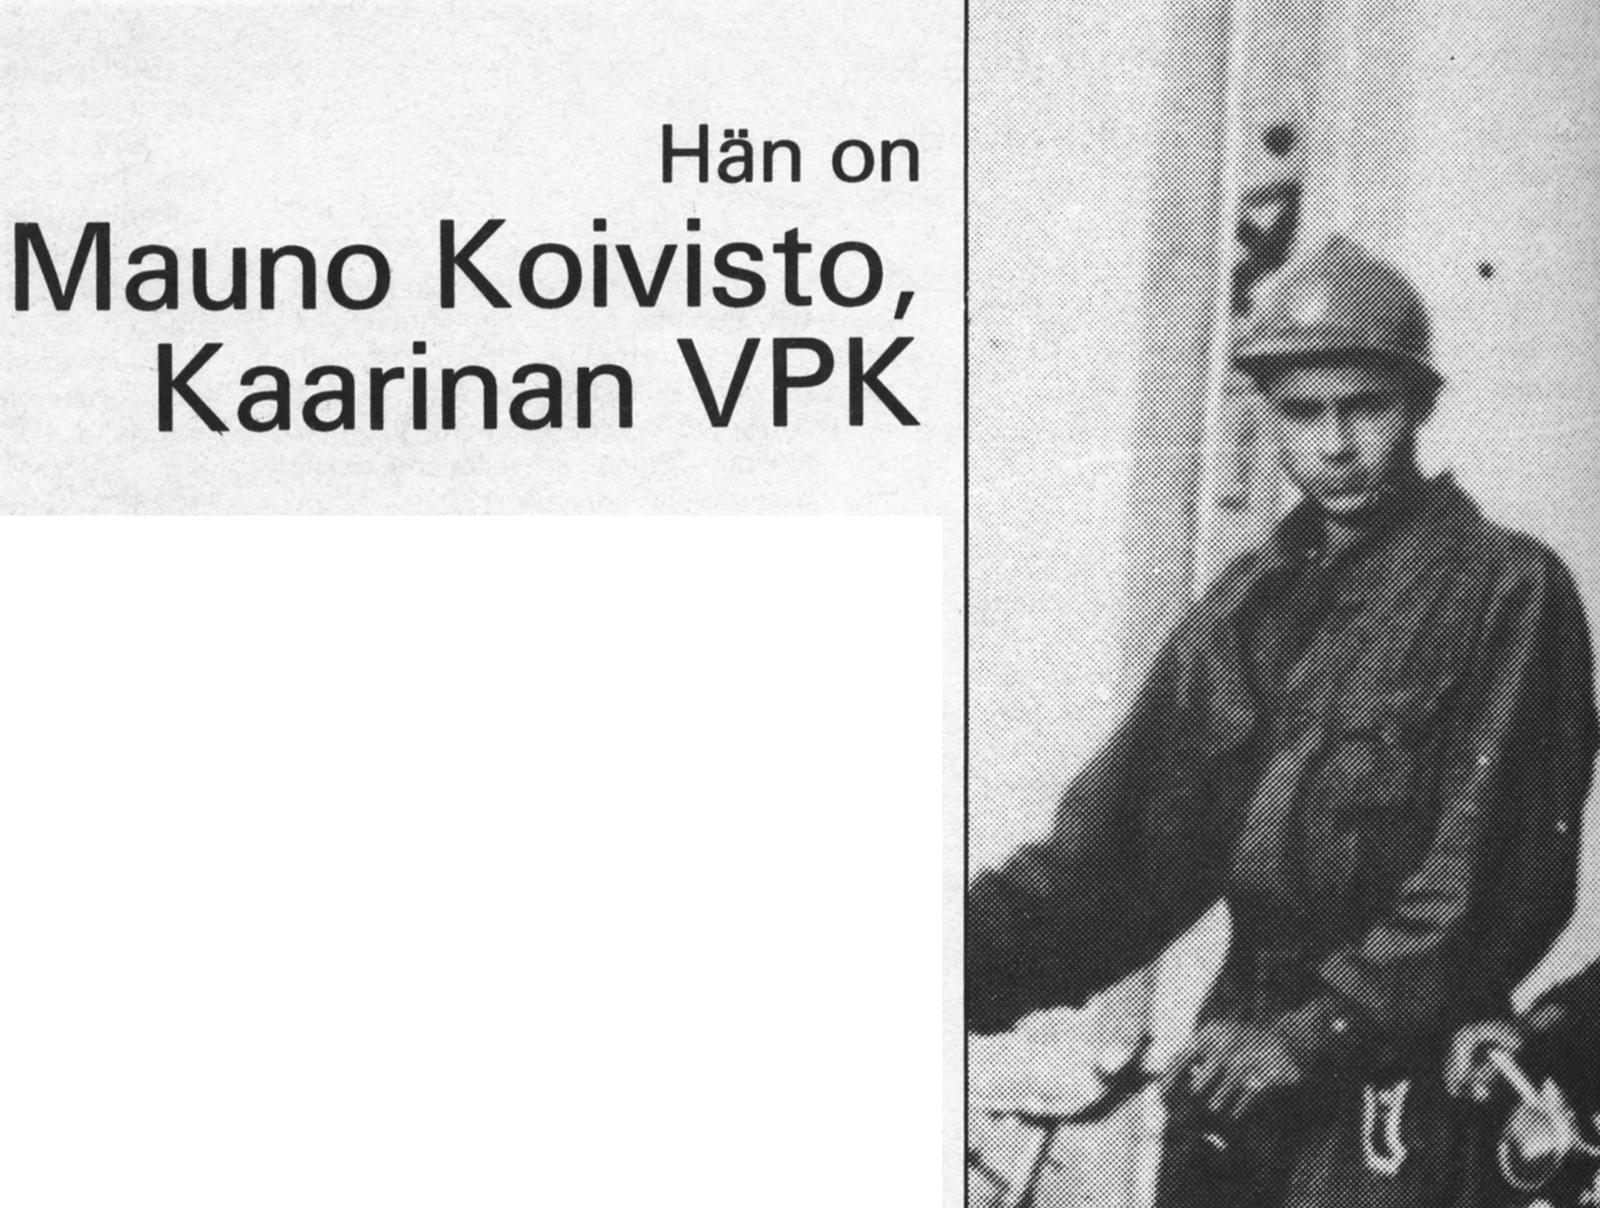 Tasavaltamme yhdeksäs presidentti, tohtori Mauno Koivisto, osallistui nuoruusvuosinaan myös palokuntatoimintaan. Talvisodan ja jatkosodan päivinä hän toimi sammutusmiehenä Kaarinan VPK:n riveissä niin Turun pommituksissa kuin itse sotatoimialueella.